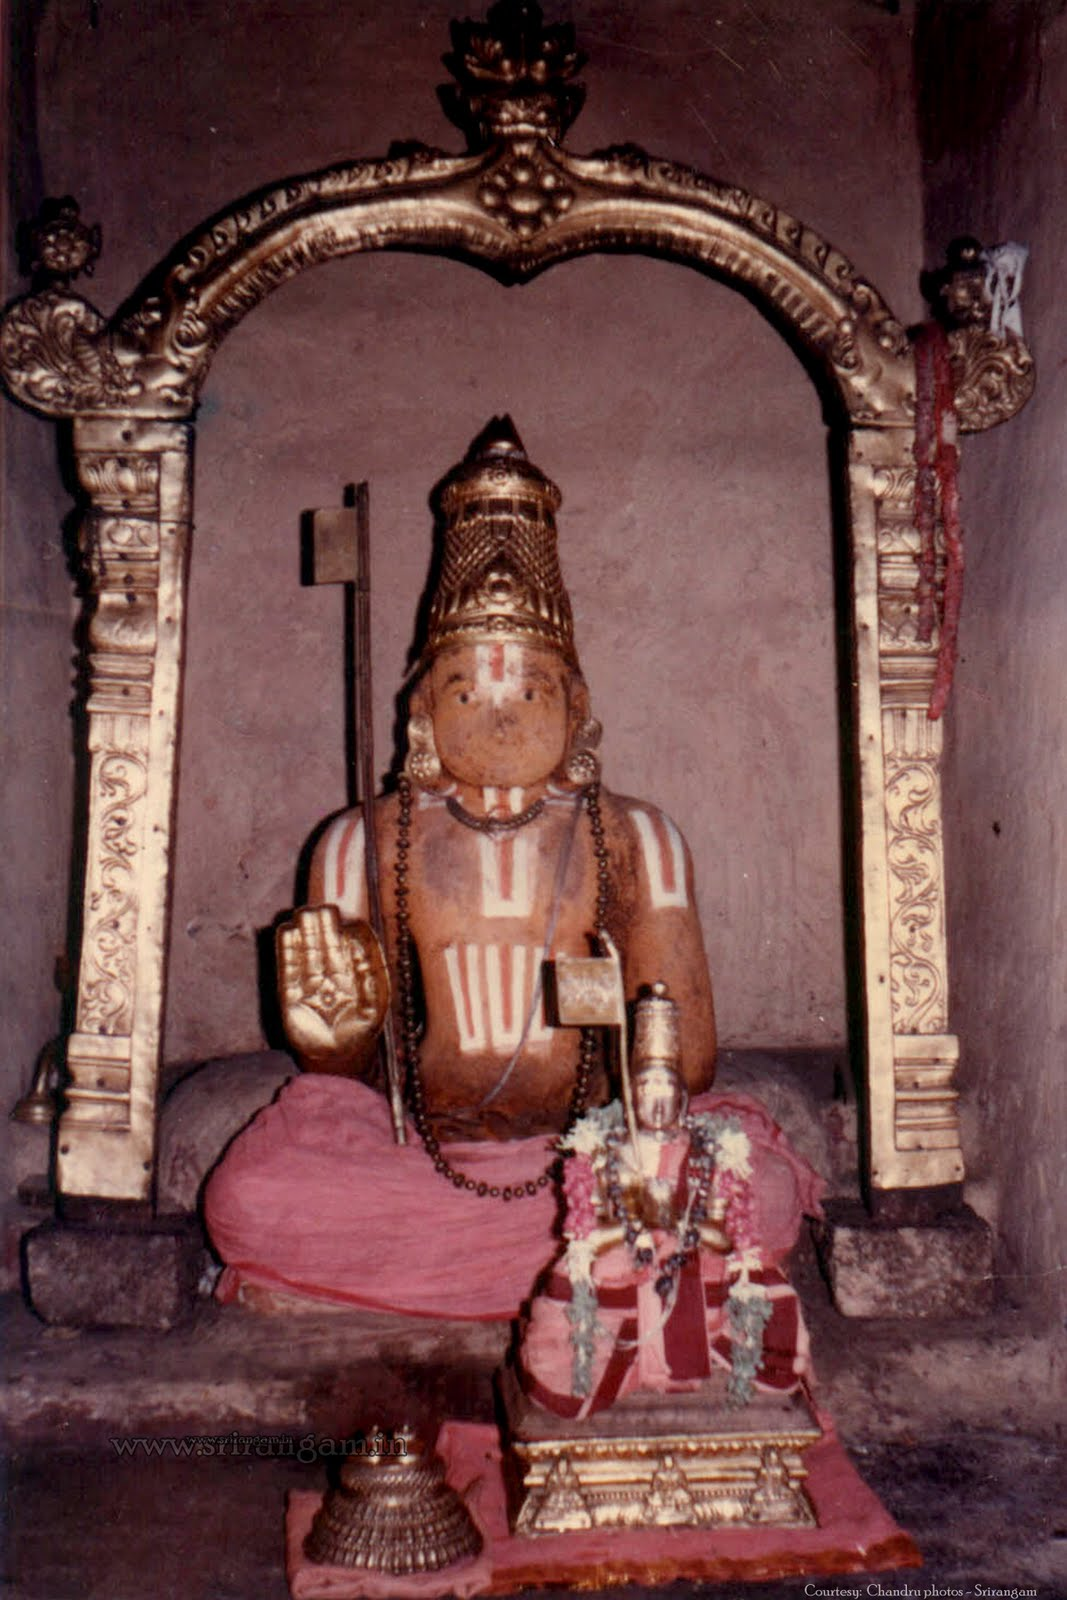 Thiruvarangam Sri Ranganathaswamy Temple, Sri Rangam - Divya Desam 01